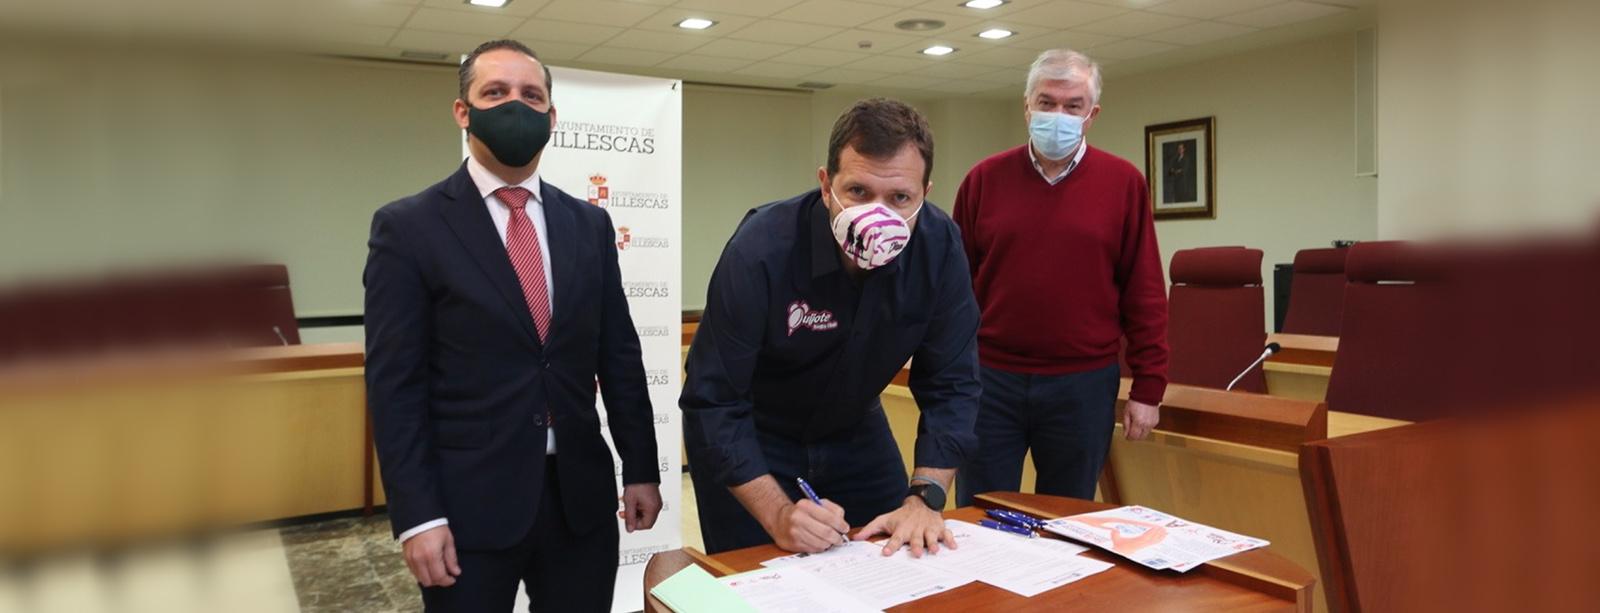 HacHe lanza una campaña de seguros solidarios para cinco asociaciones de Illescas